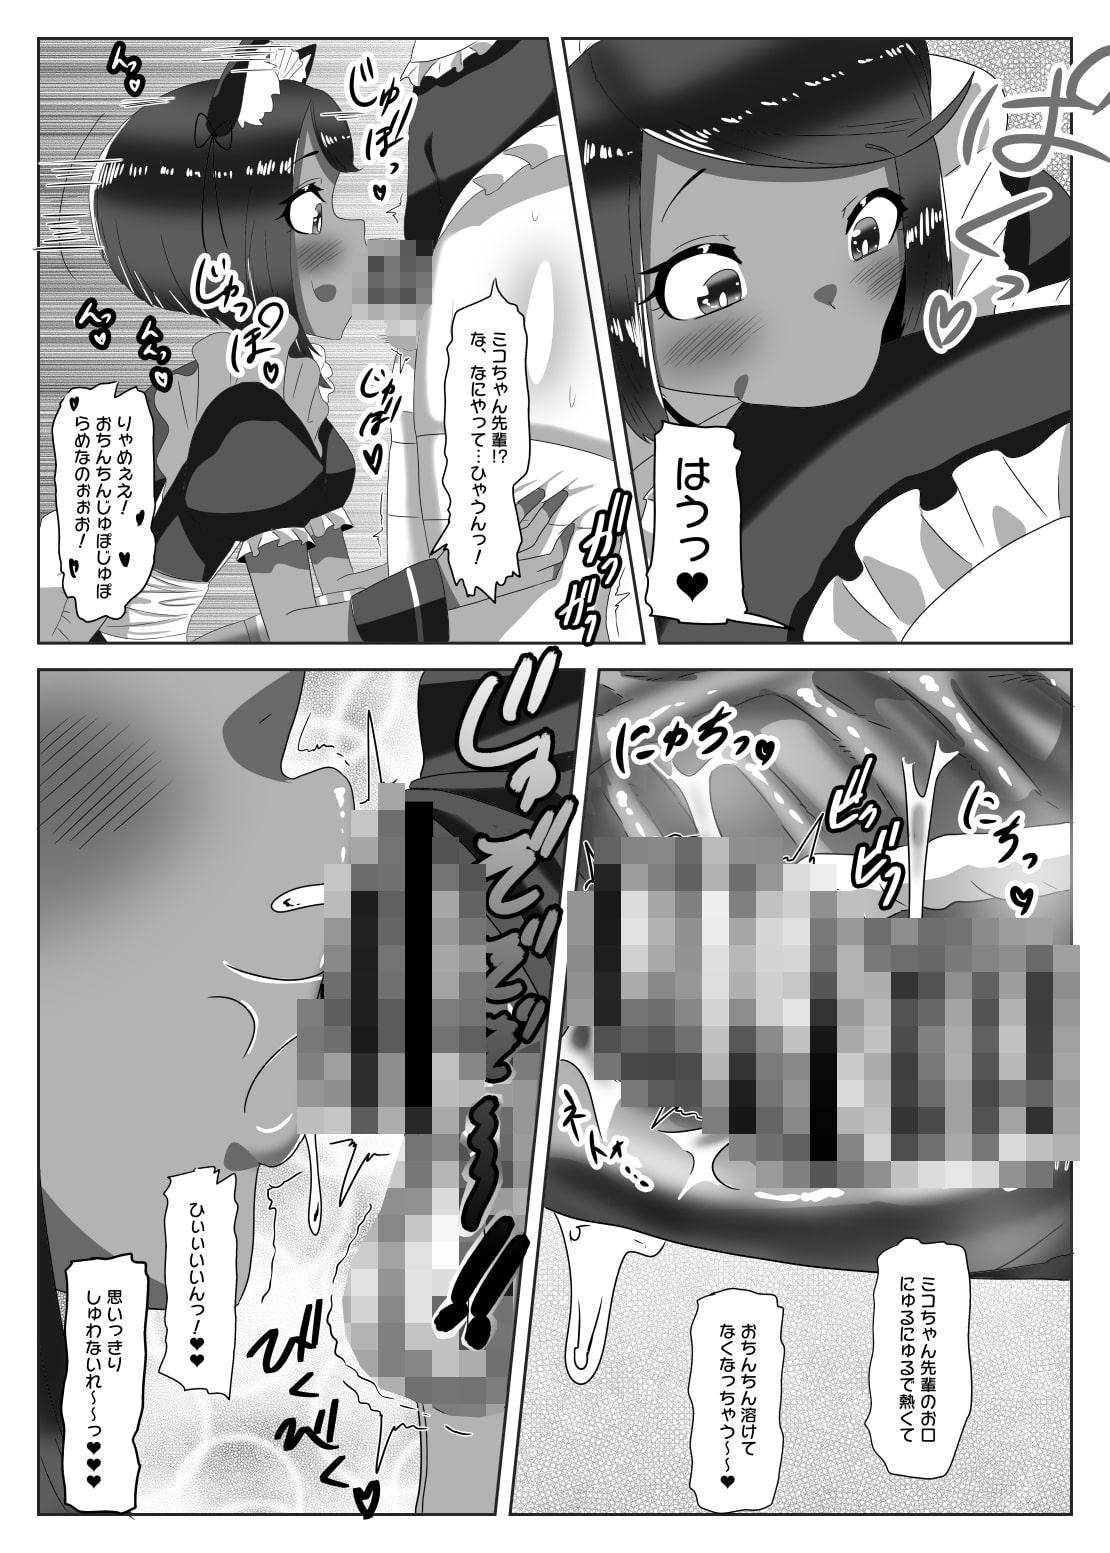 ふたなり生徒会長の不良男の娘更生計画~メイド喫茶おまけ編~のサンプル画像